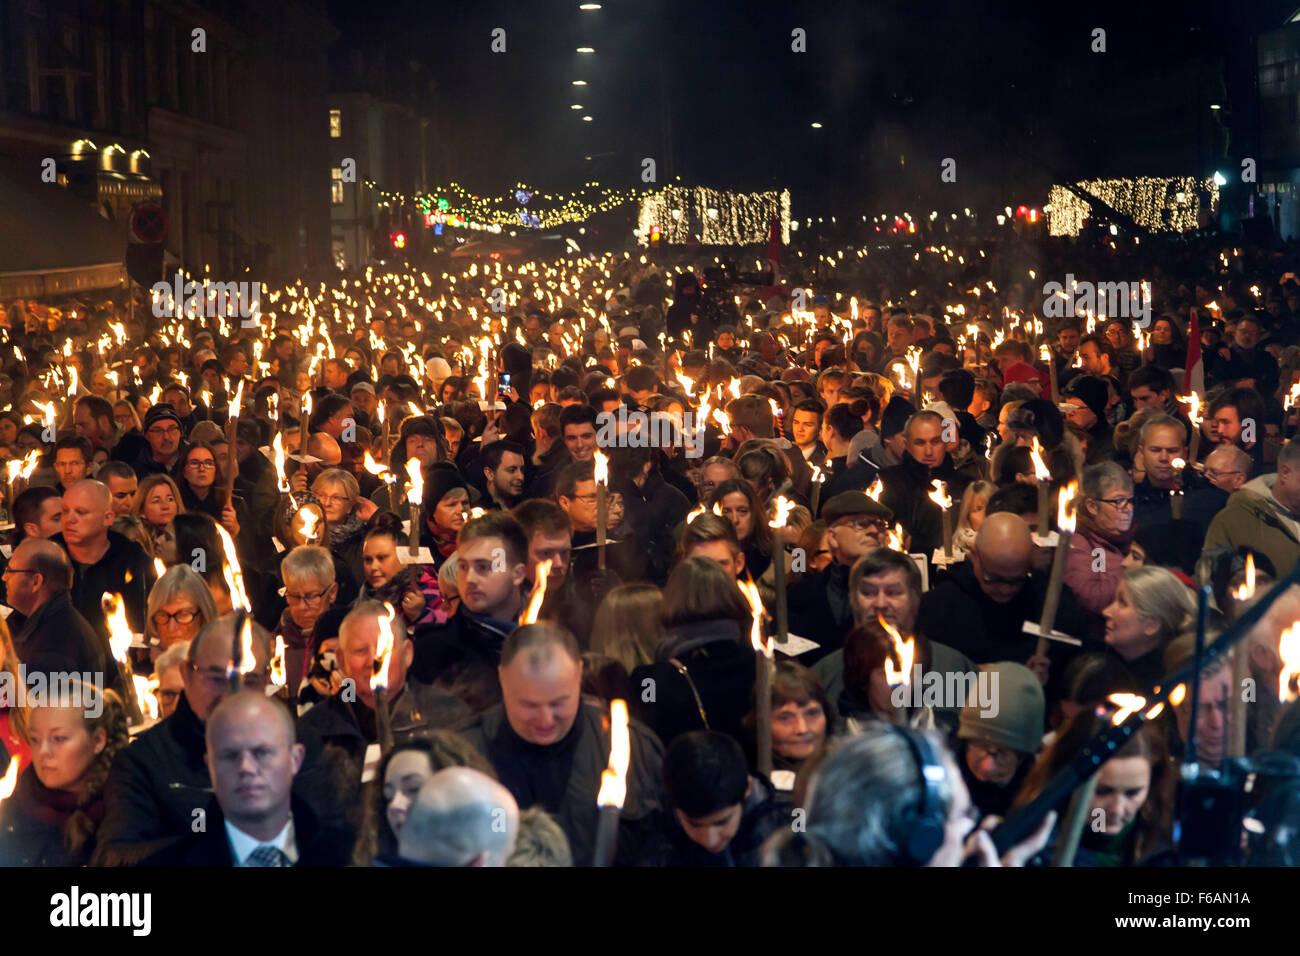 Copenhague, Dinamarca. El 15 de noviembre de 2015. Unas 15.000 personas participa en el rally con simpatía Imagen De Stock